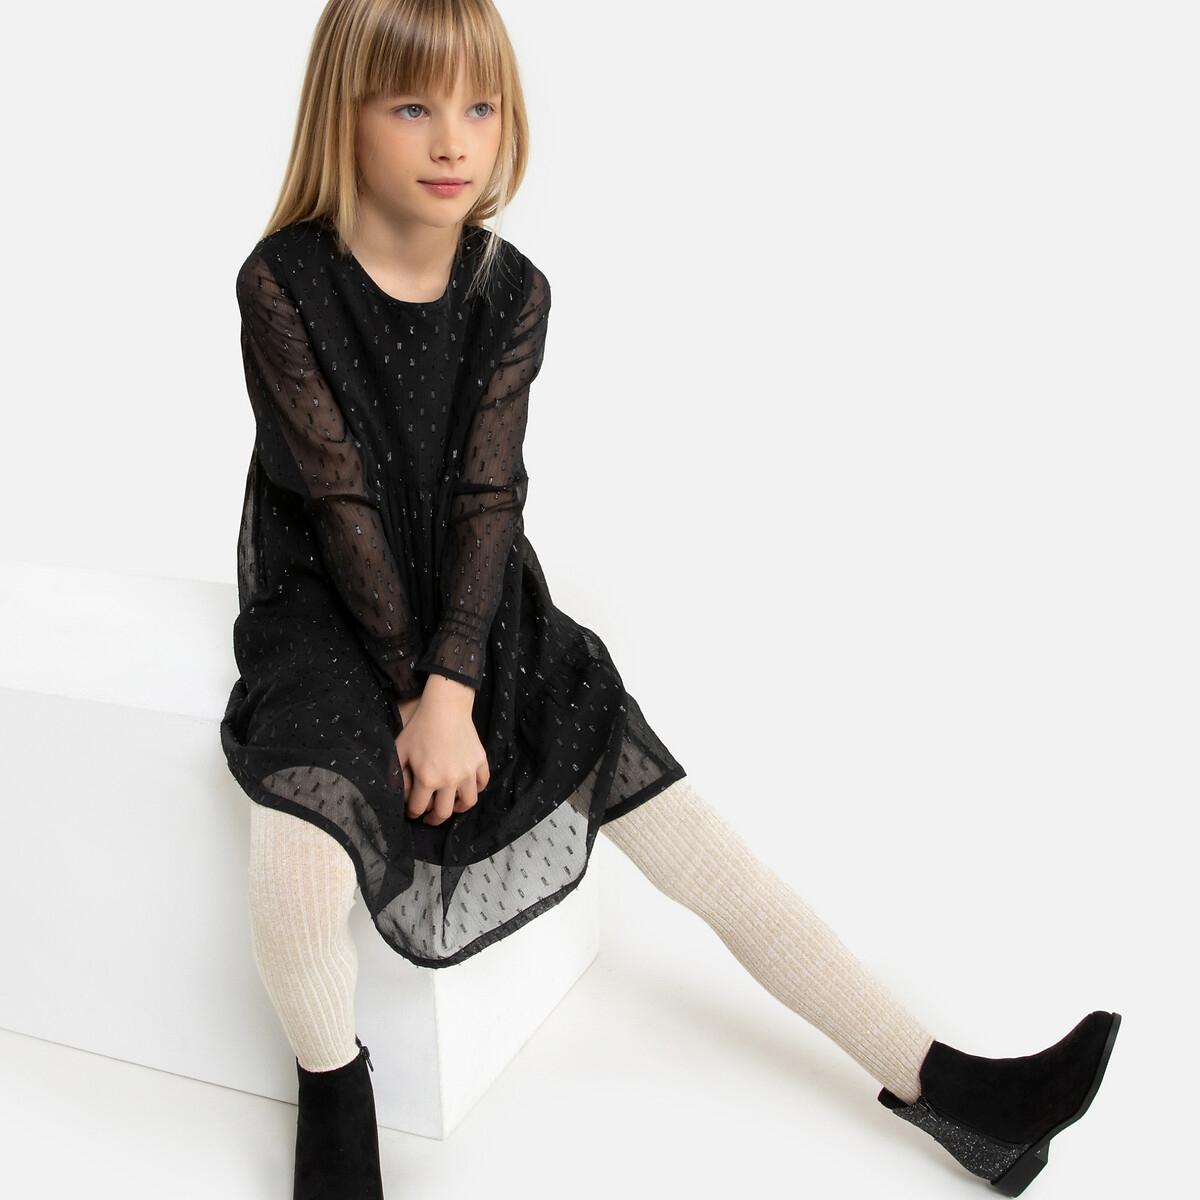 Платье LaRedoute С длинными рукавами из расшитой гладью ткани 2-14 лет 6 лет - 114 см черный